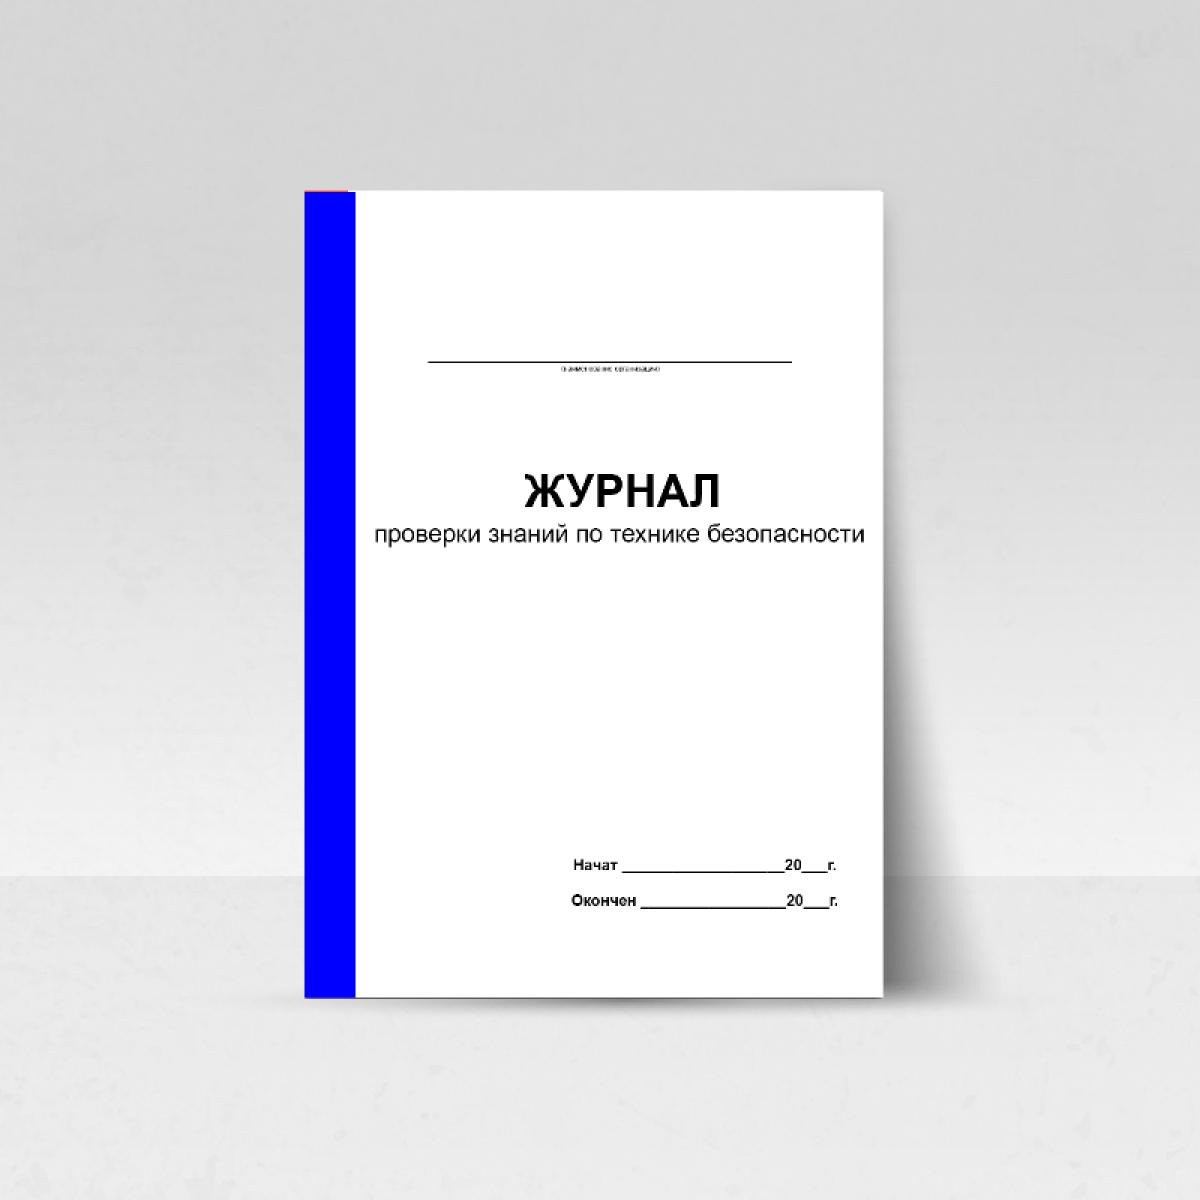 148. Журнал проверки знаний по технике безопасности